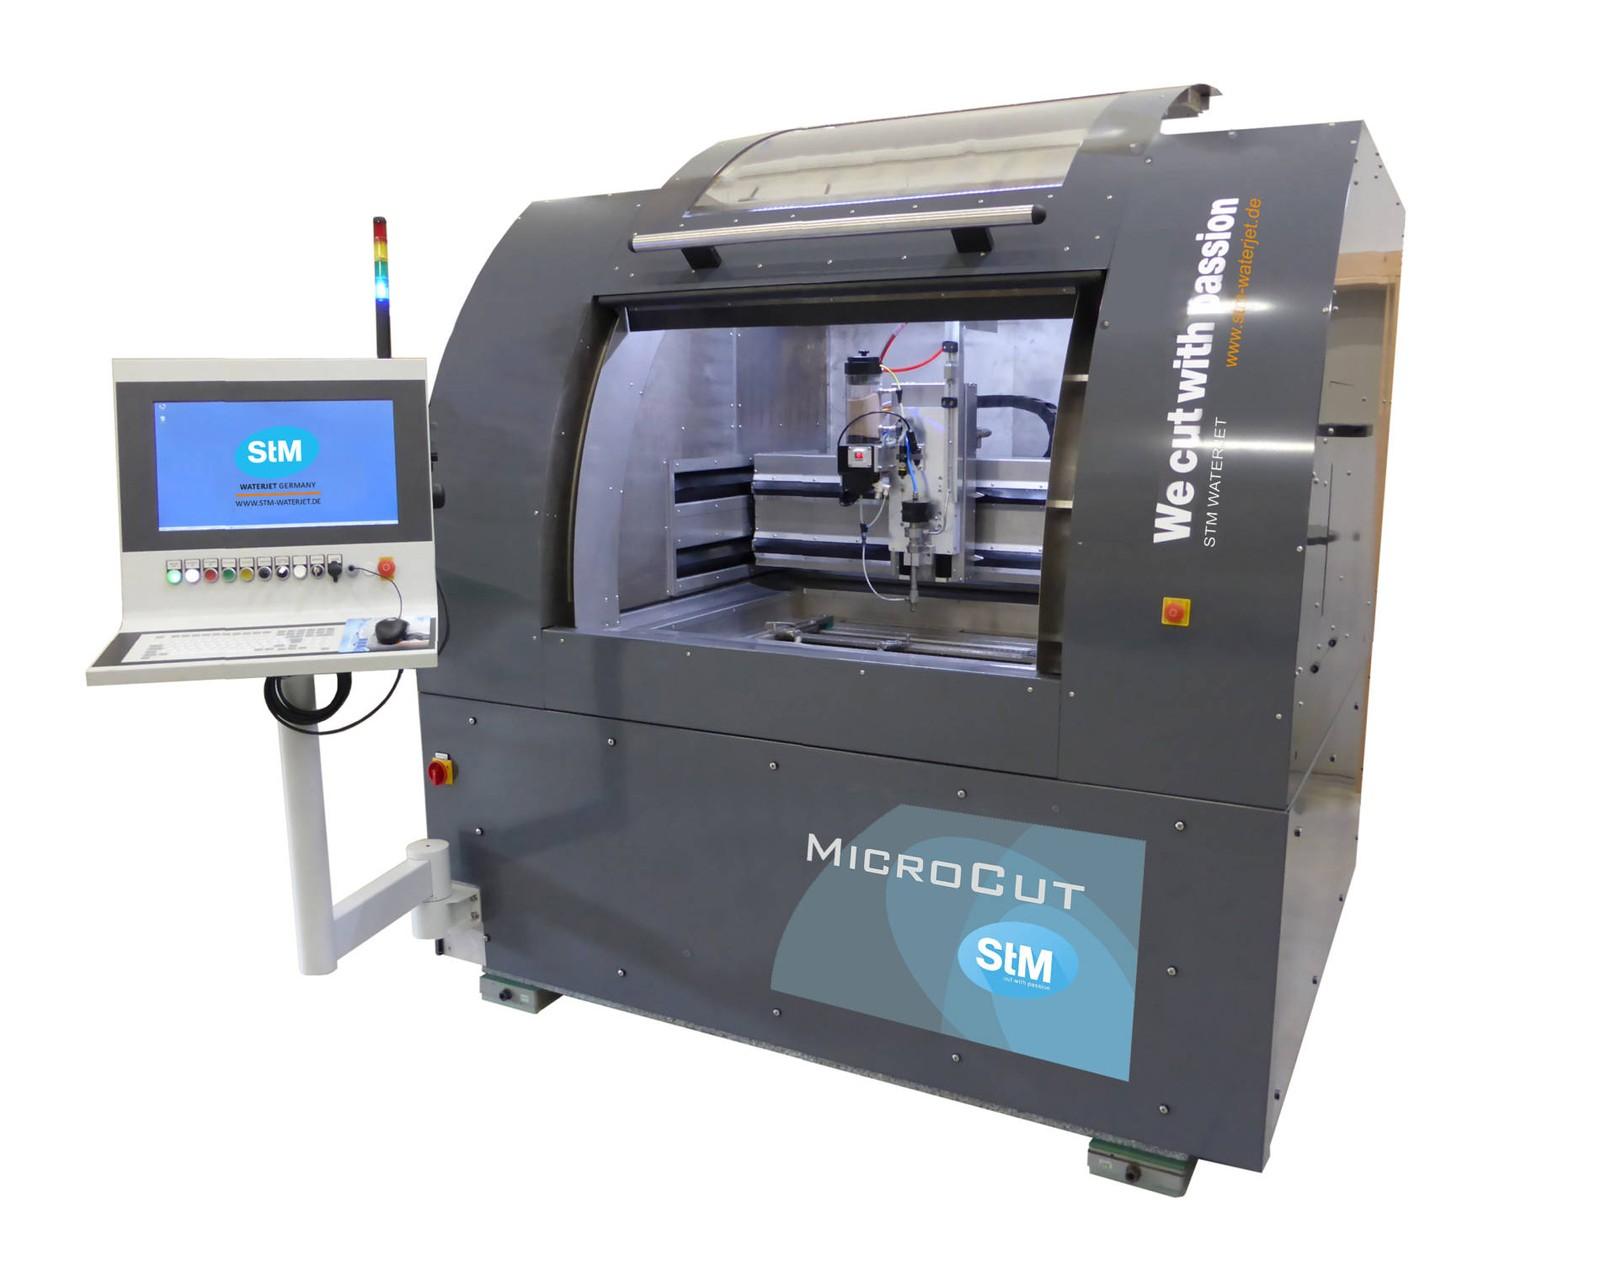 """Die Mikro-Wasserstrahl-Schneidanlage """"MicroCut"""" ist zukünftig serienmäßig mit dem neuen Winkelfehlerausgleichs-Schneidkopf """"StM TAC/12"""" ausgestattet."""